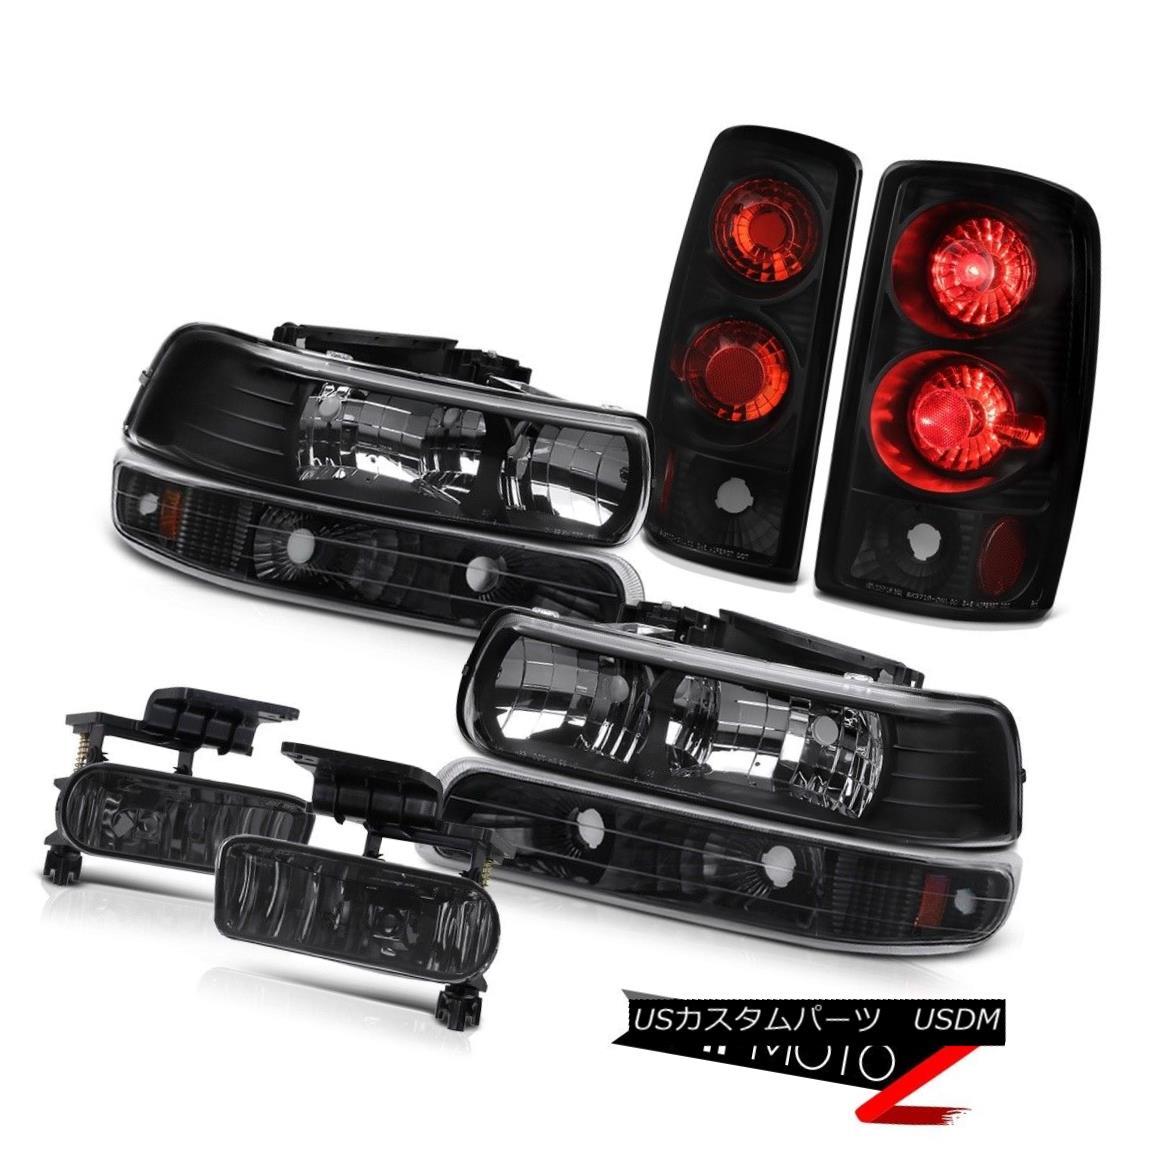 テールライト Left Right Headlamps Parking Rear Brake Lights Driving Fog 00 01 02 03 04 Tahoe 左のライトヘッドランプパーキングリアブレーキライトDriving Fog 00 01 02 03 04 Tahoe